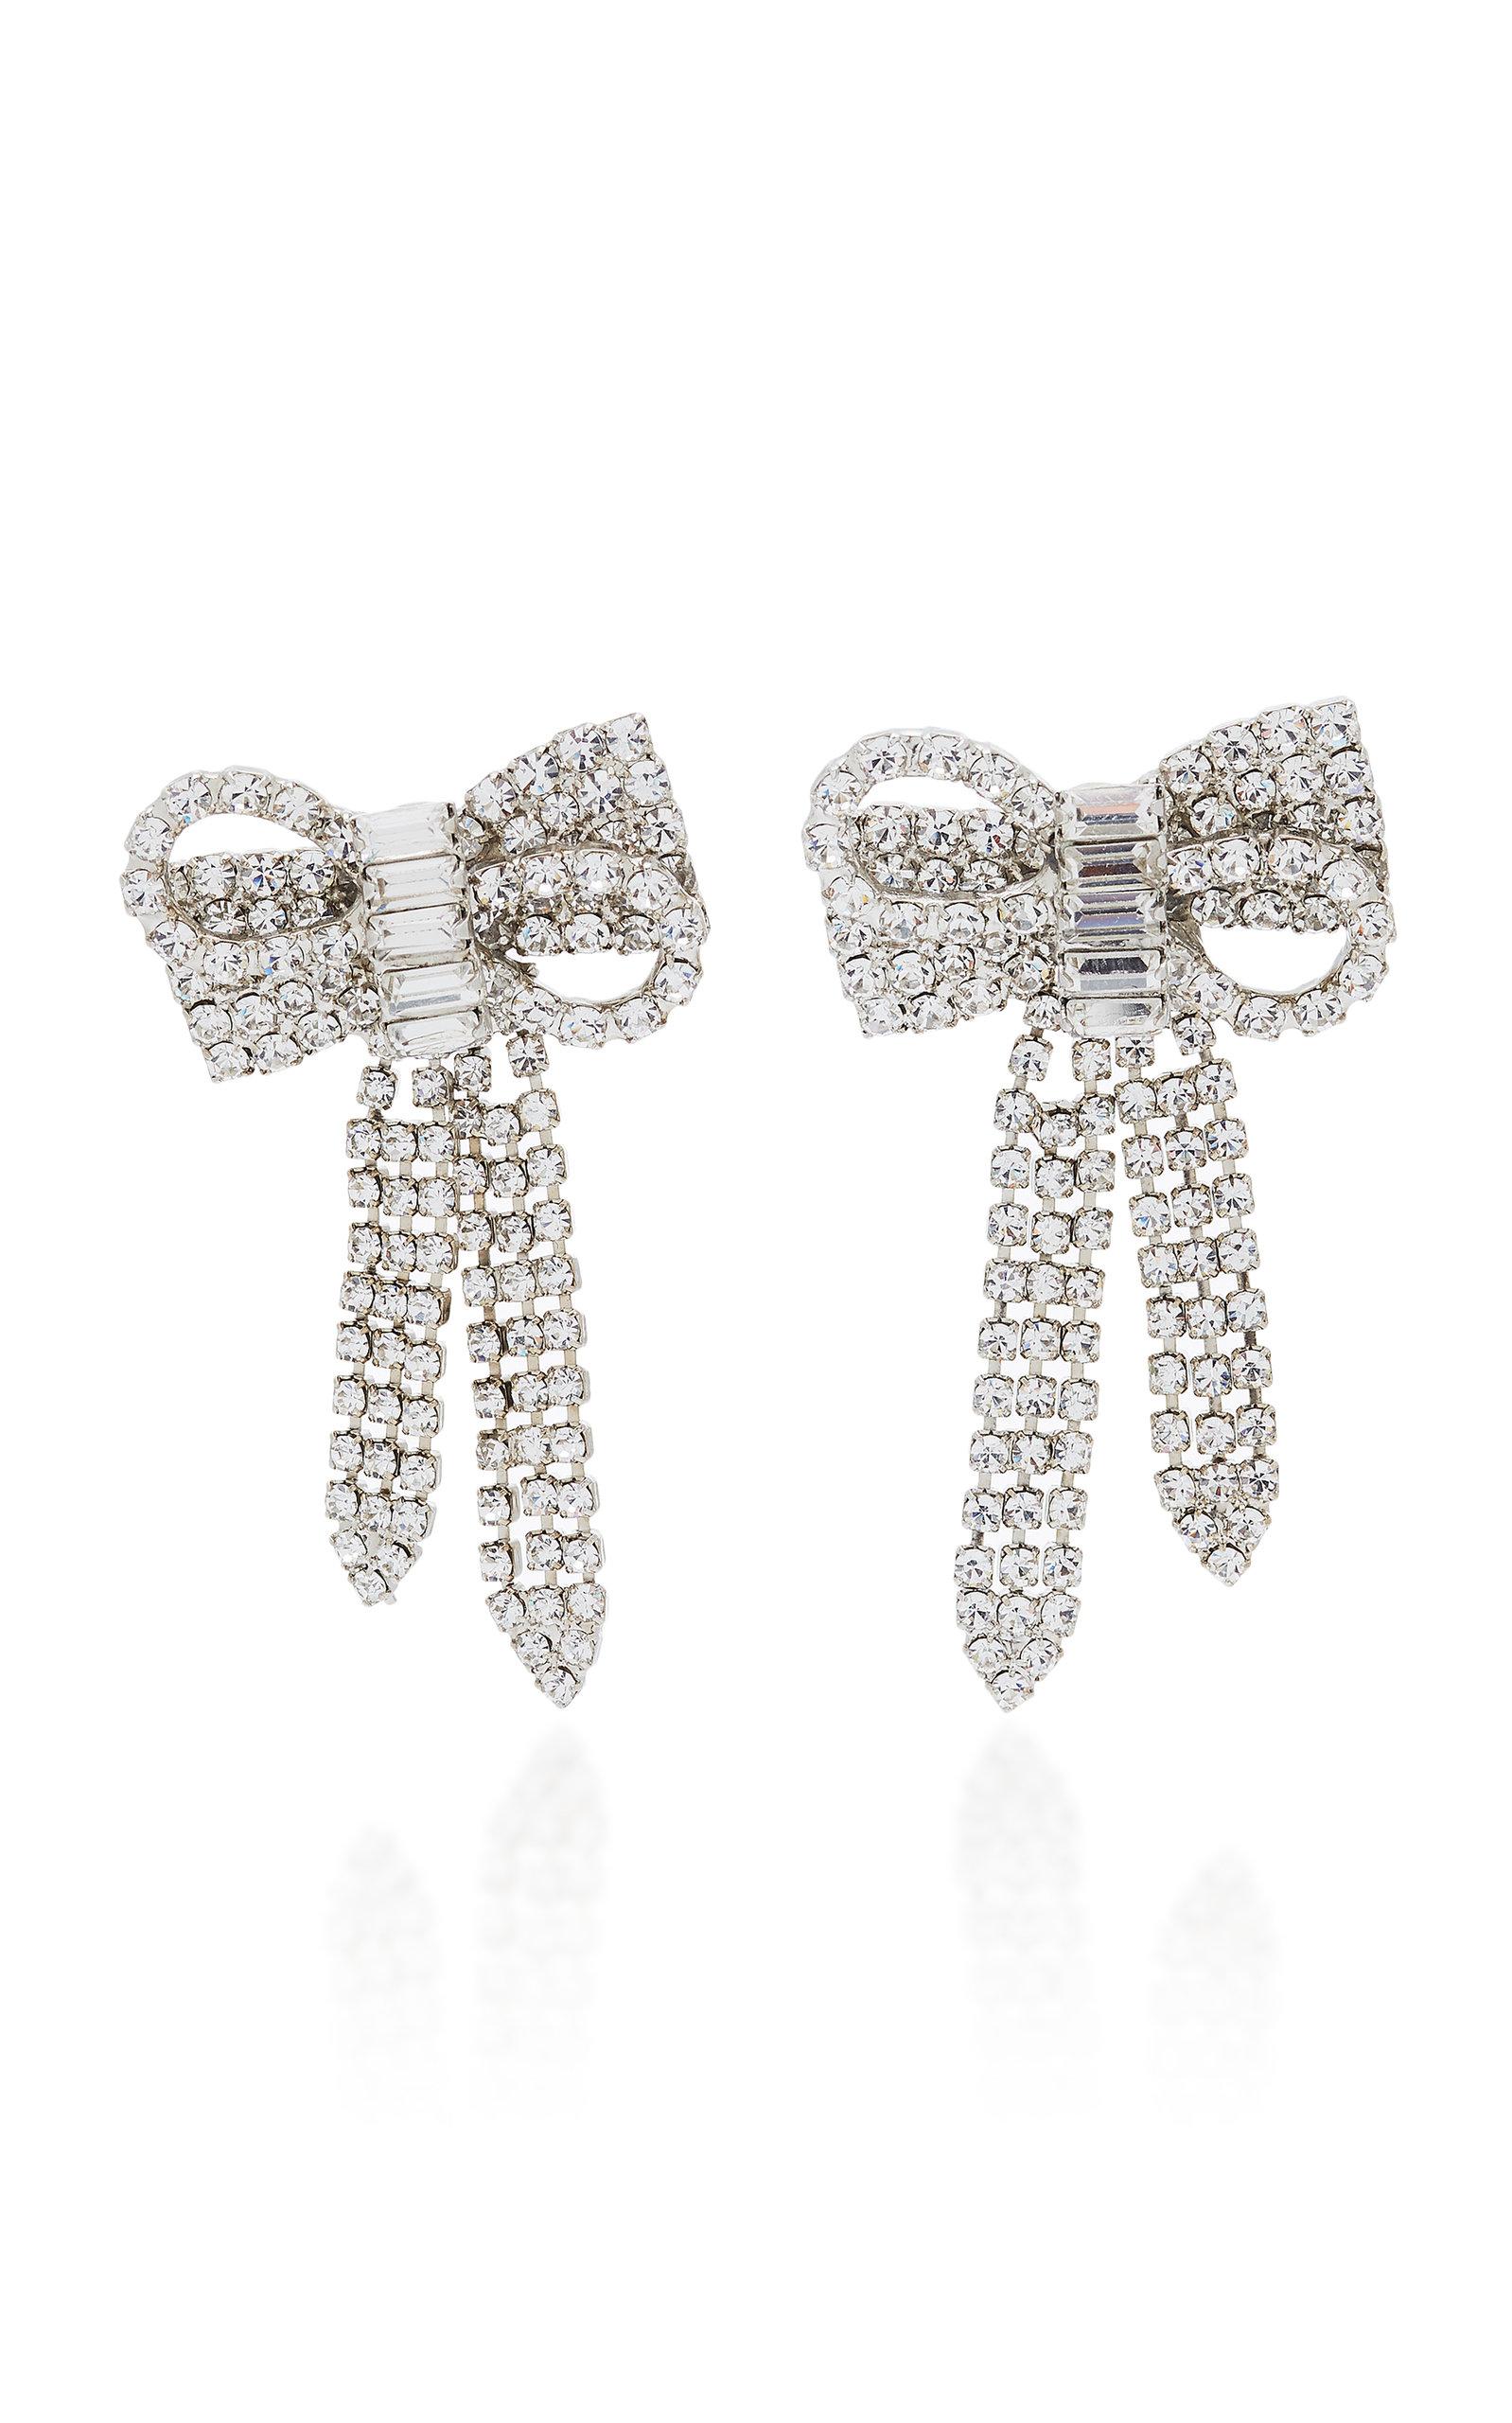 Swarovski Erfly Earrings Best All Earring Photos